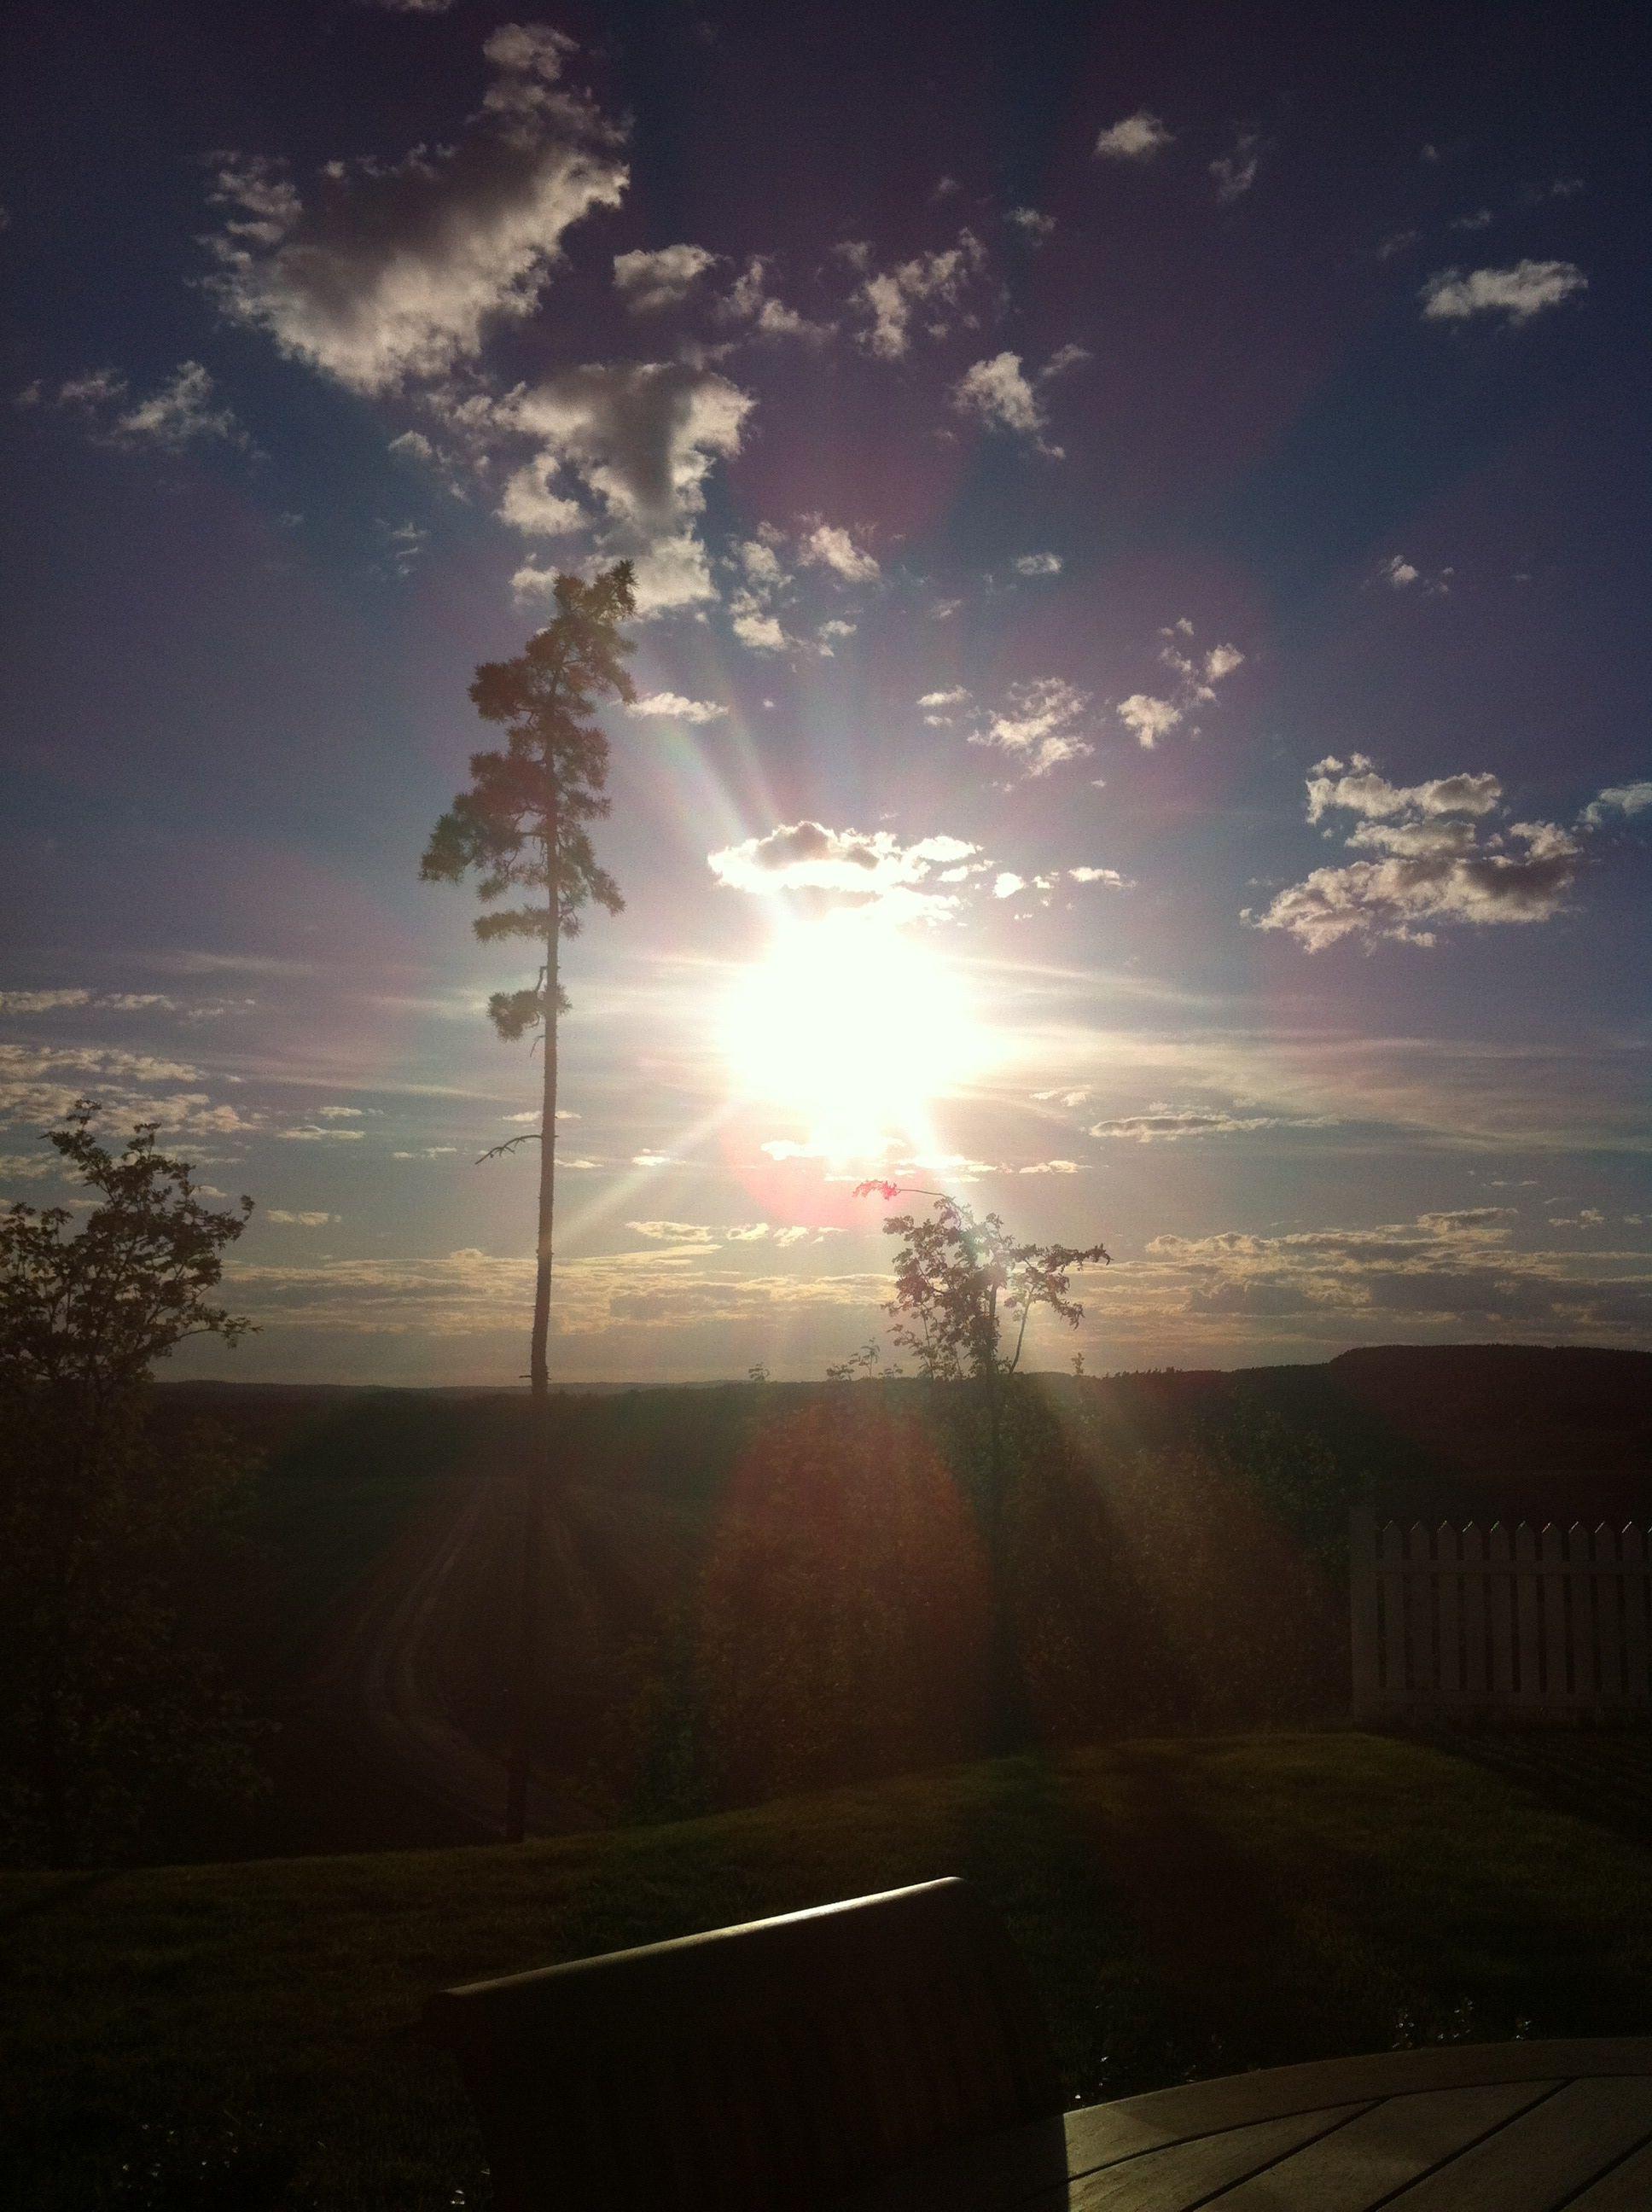 Solskinnsdag